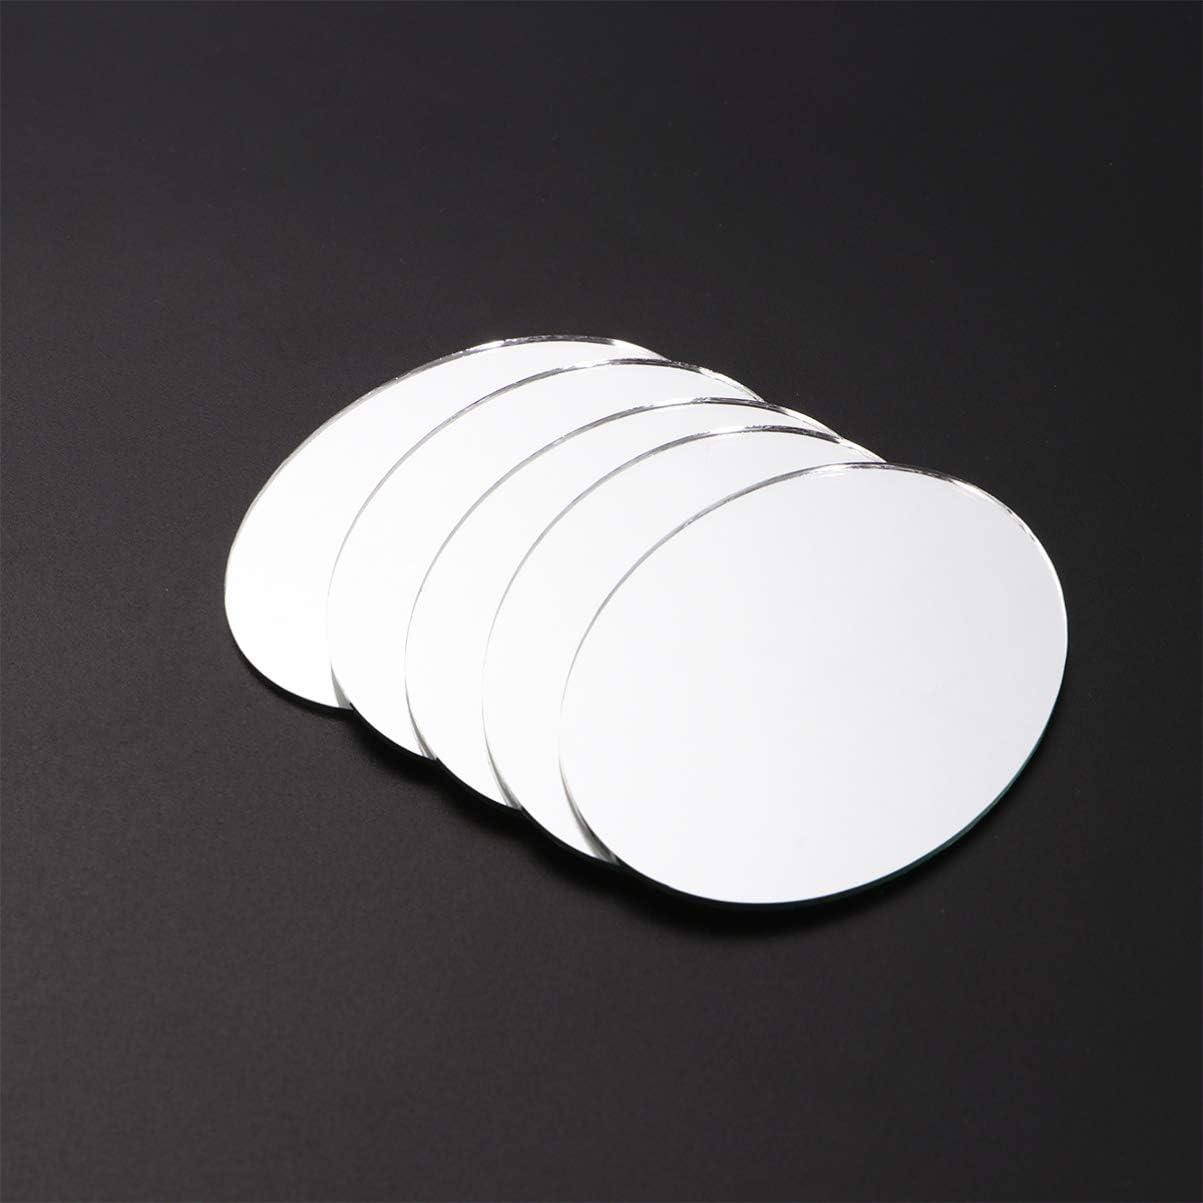 Piccolo Stile Healifty Piastrelle a Specchio Rotonde 20 Pezzi per Artigianato Fai da Te